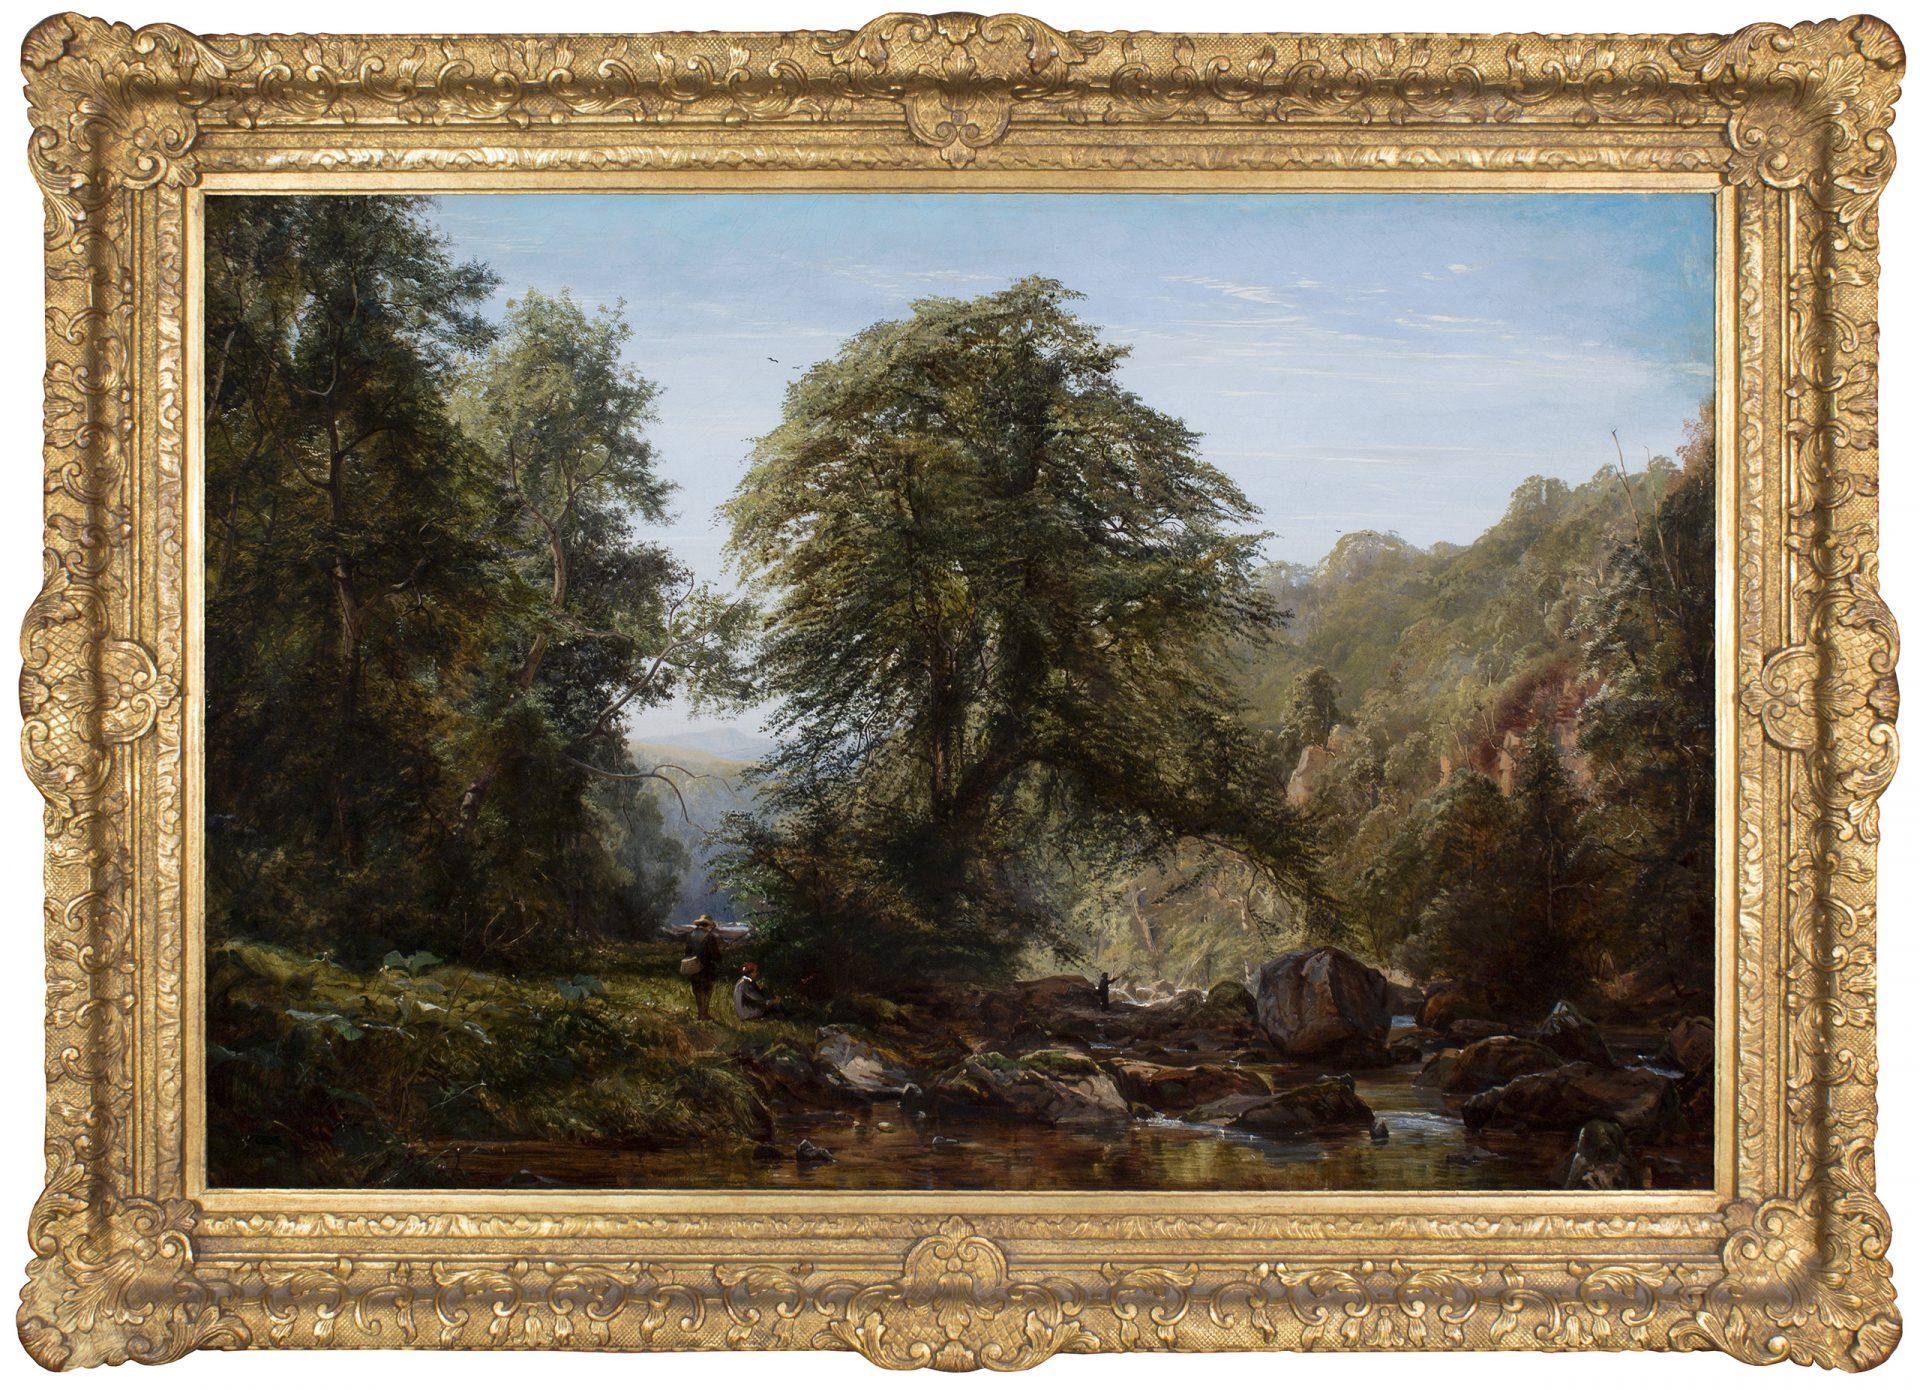 Landscape FRAMED (John Faulkner)